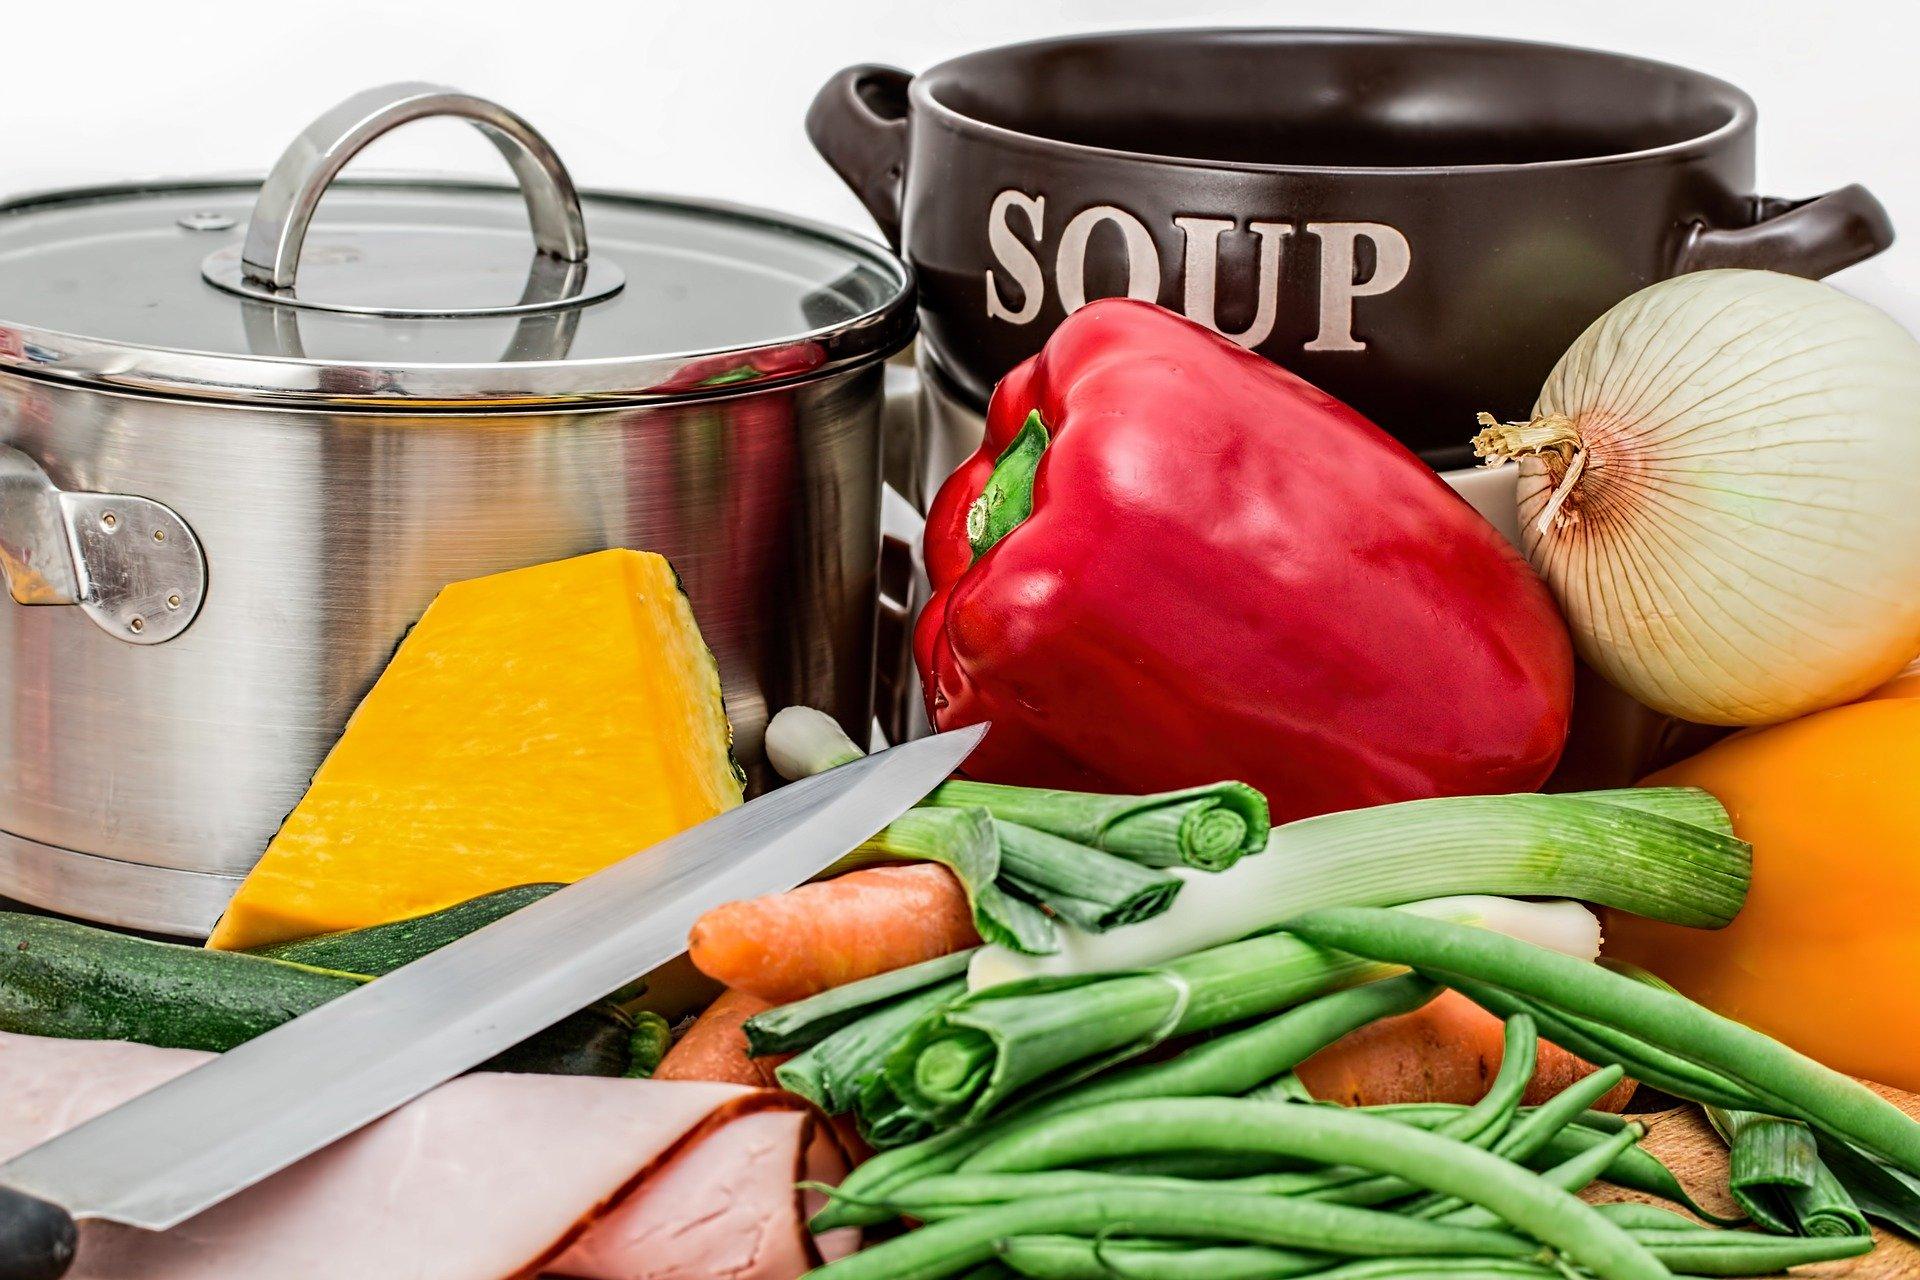 Durante la cuarentena, se recomienda seguir una dieta variada y equilibrada.